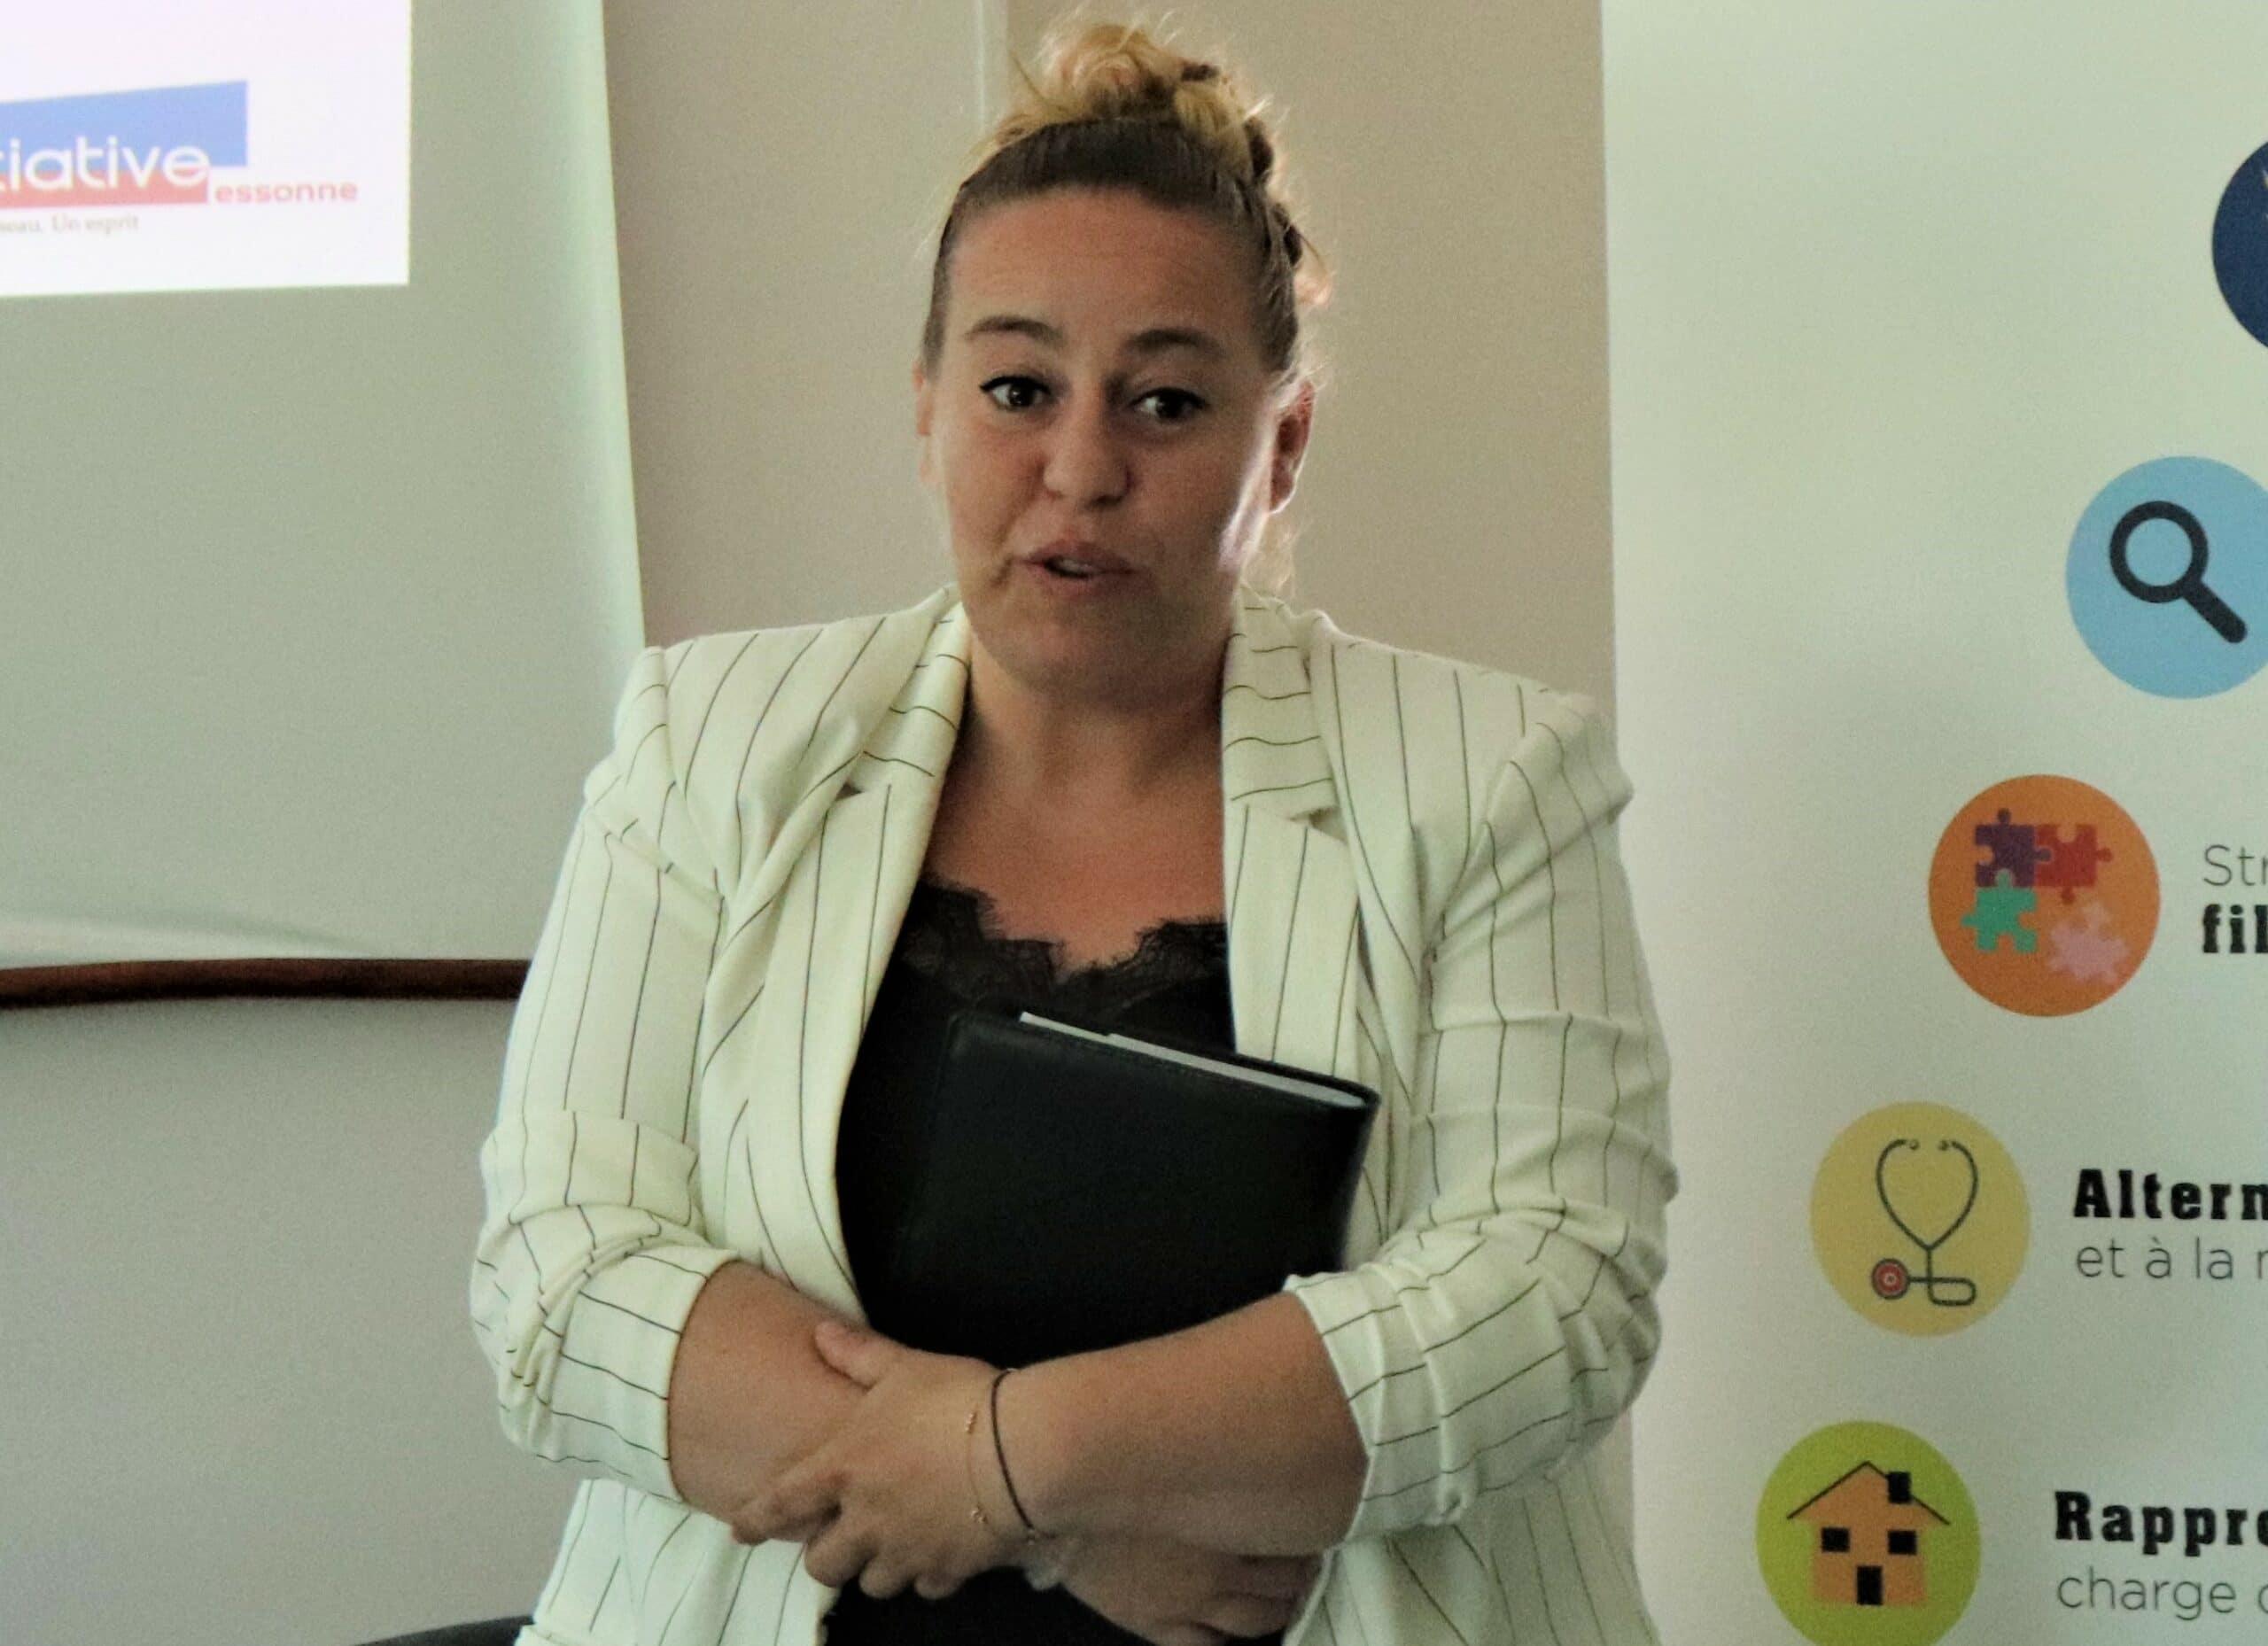 Metiers de la santé : soutien et financement par Initiative Essonne